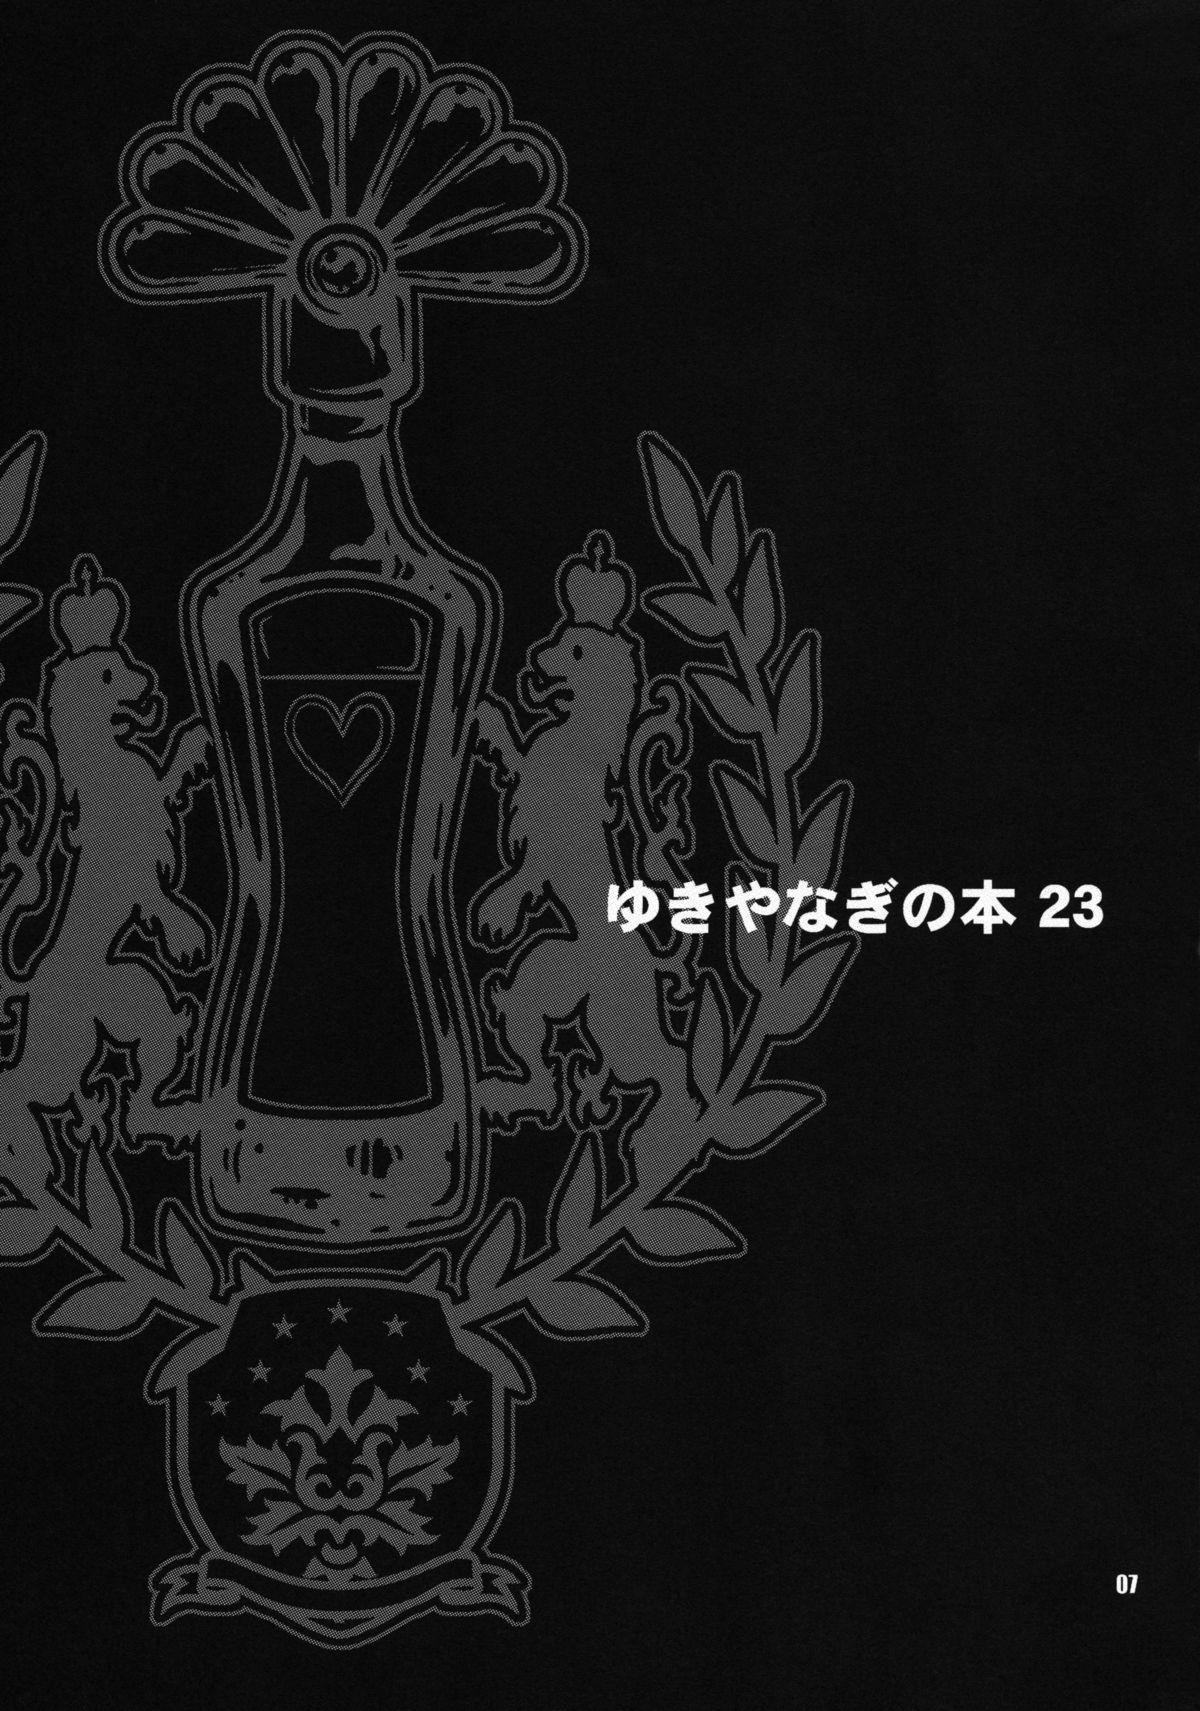 (C78) [Shallot Coco (Yukiyanagi)] Yukiyanagi no Hon 23 Nurunuru Juri & Chun-Li | Yukiyanagi's Book 23 - Slimy Juri and Chun Li  (Street Fighter IV) [English] {doujin-moe.us} 4